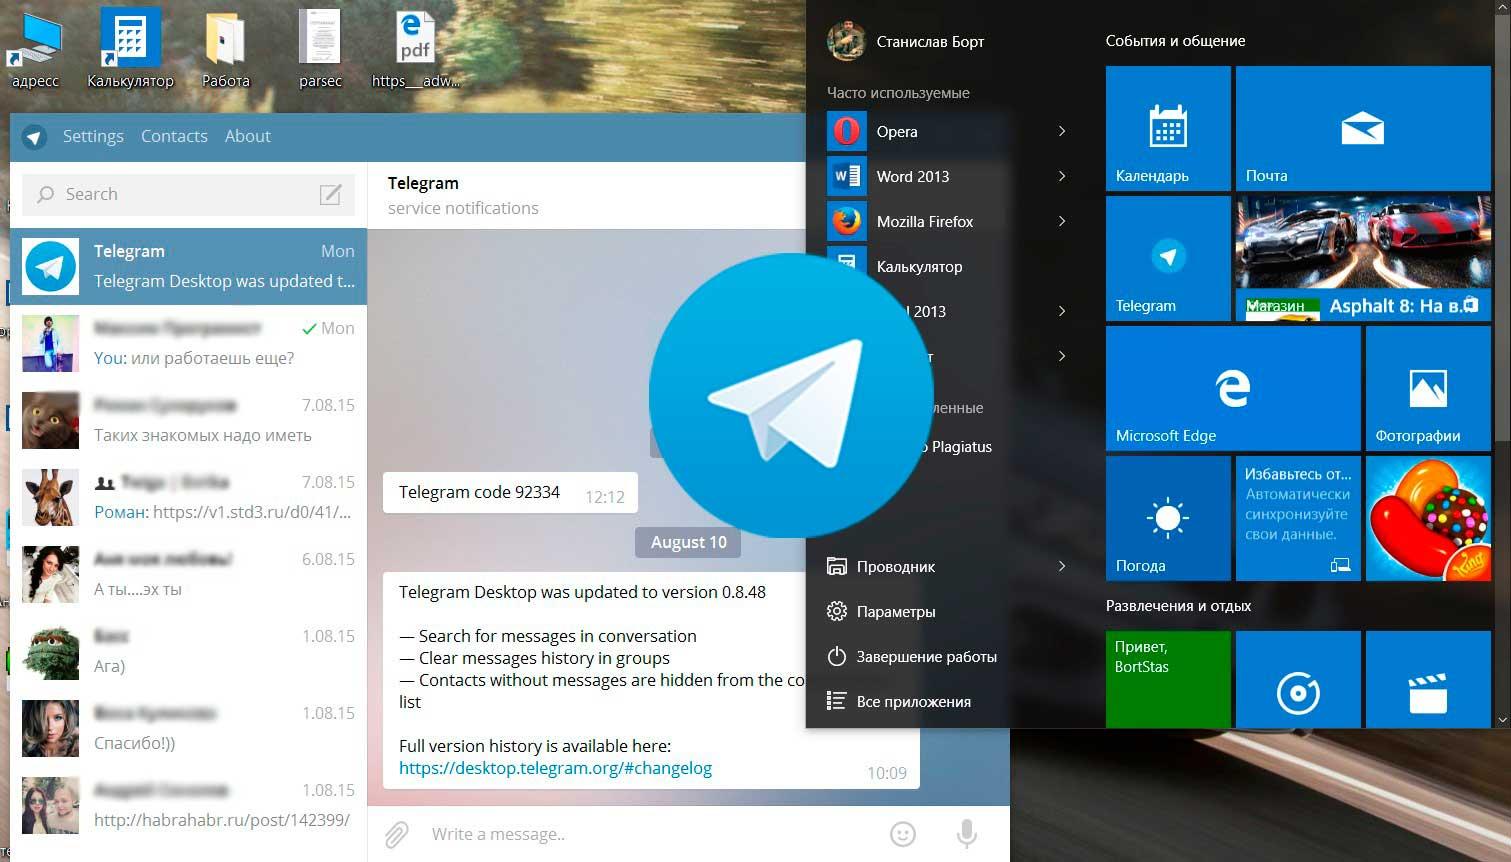 telegram-dlya-windows-10-3.jpg